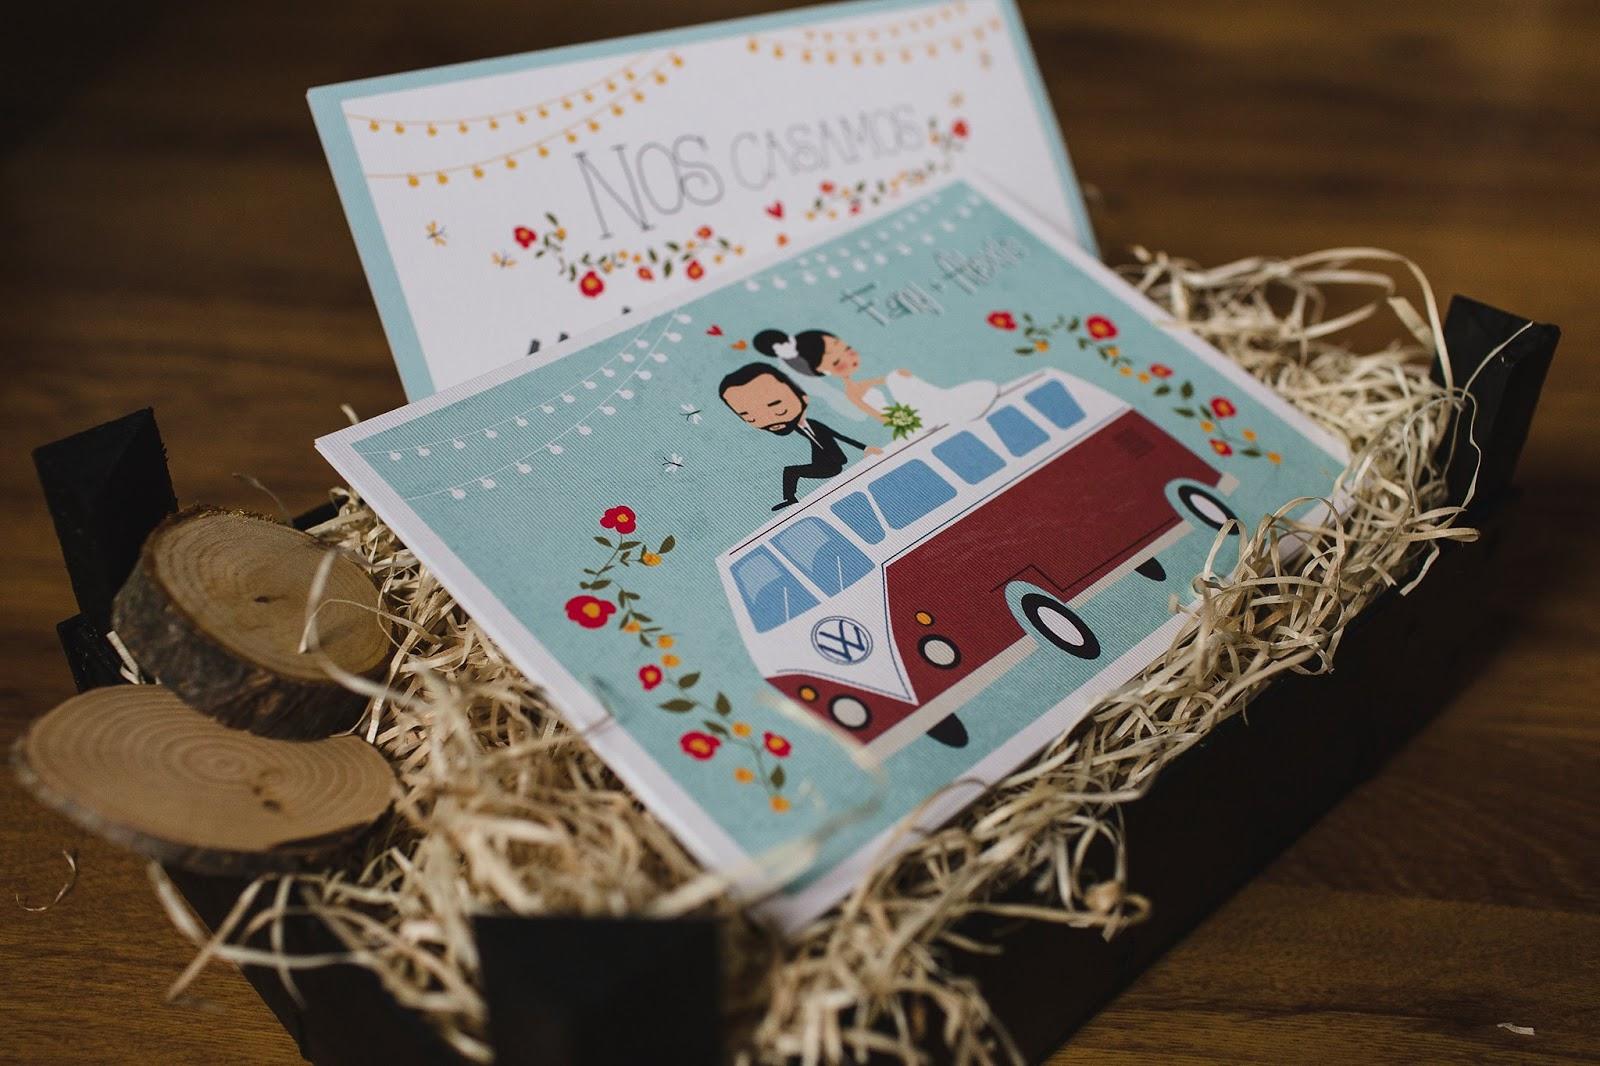 Invitaciones de boda originales ilustradas blog de bodas for Novias originales 2017